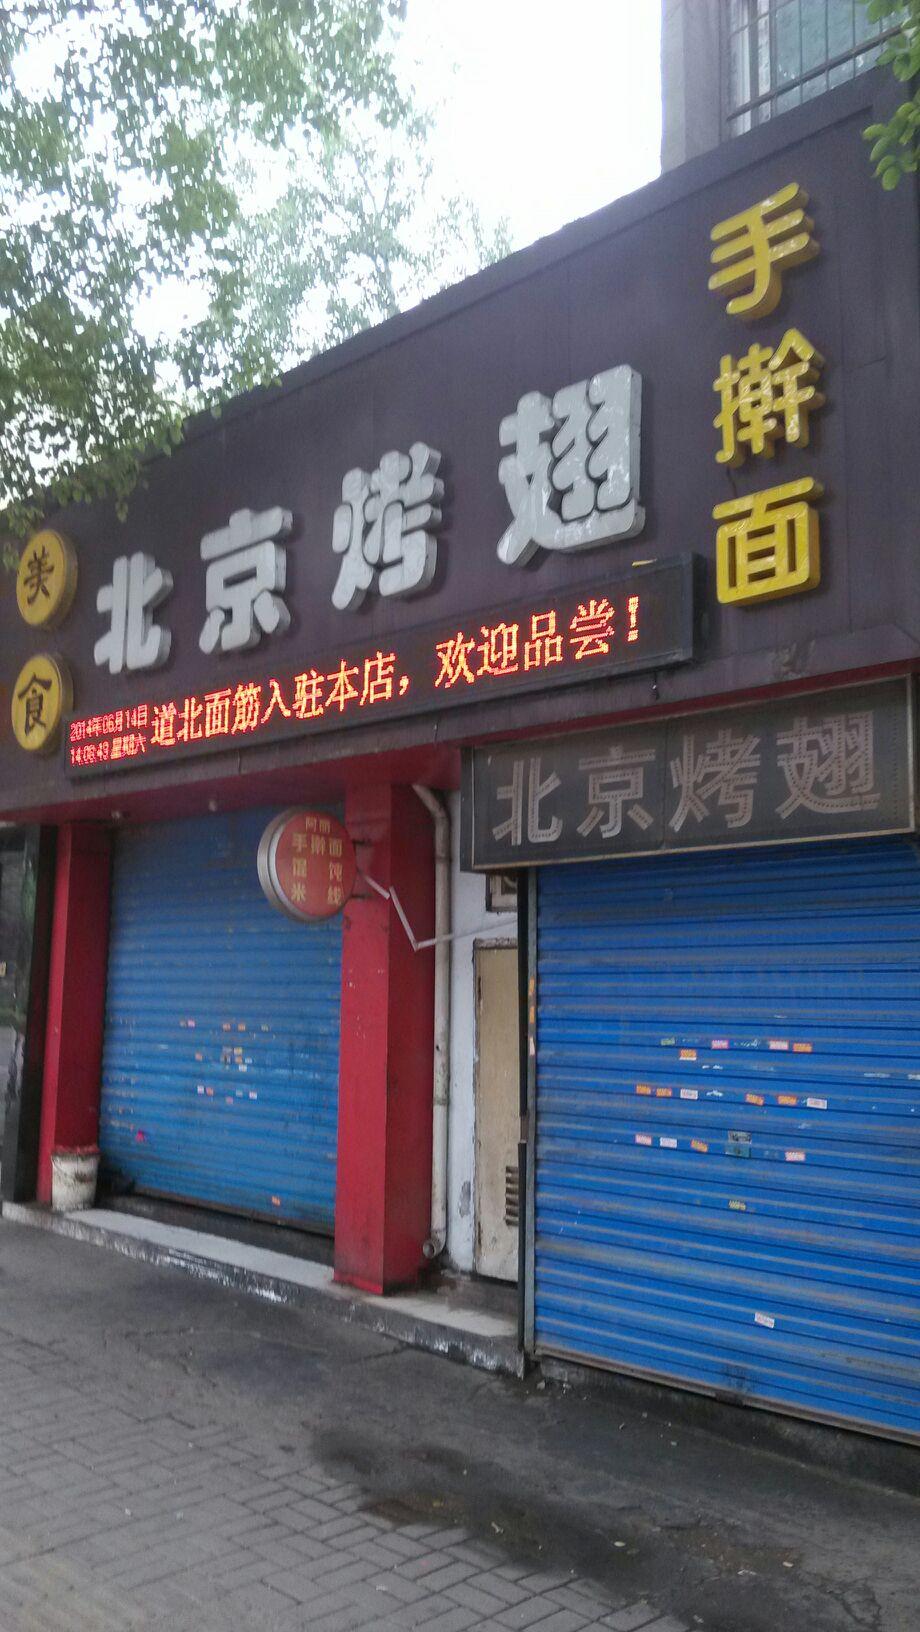 北京烤翅地址,订餐电话,商户详情,洛阳 百度地图 高清图片